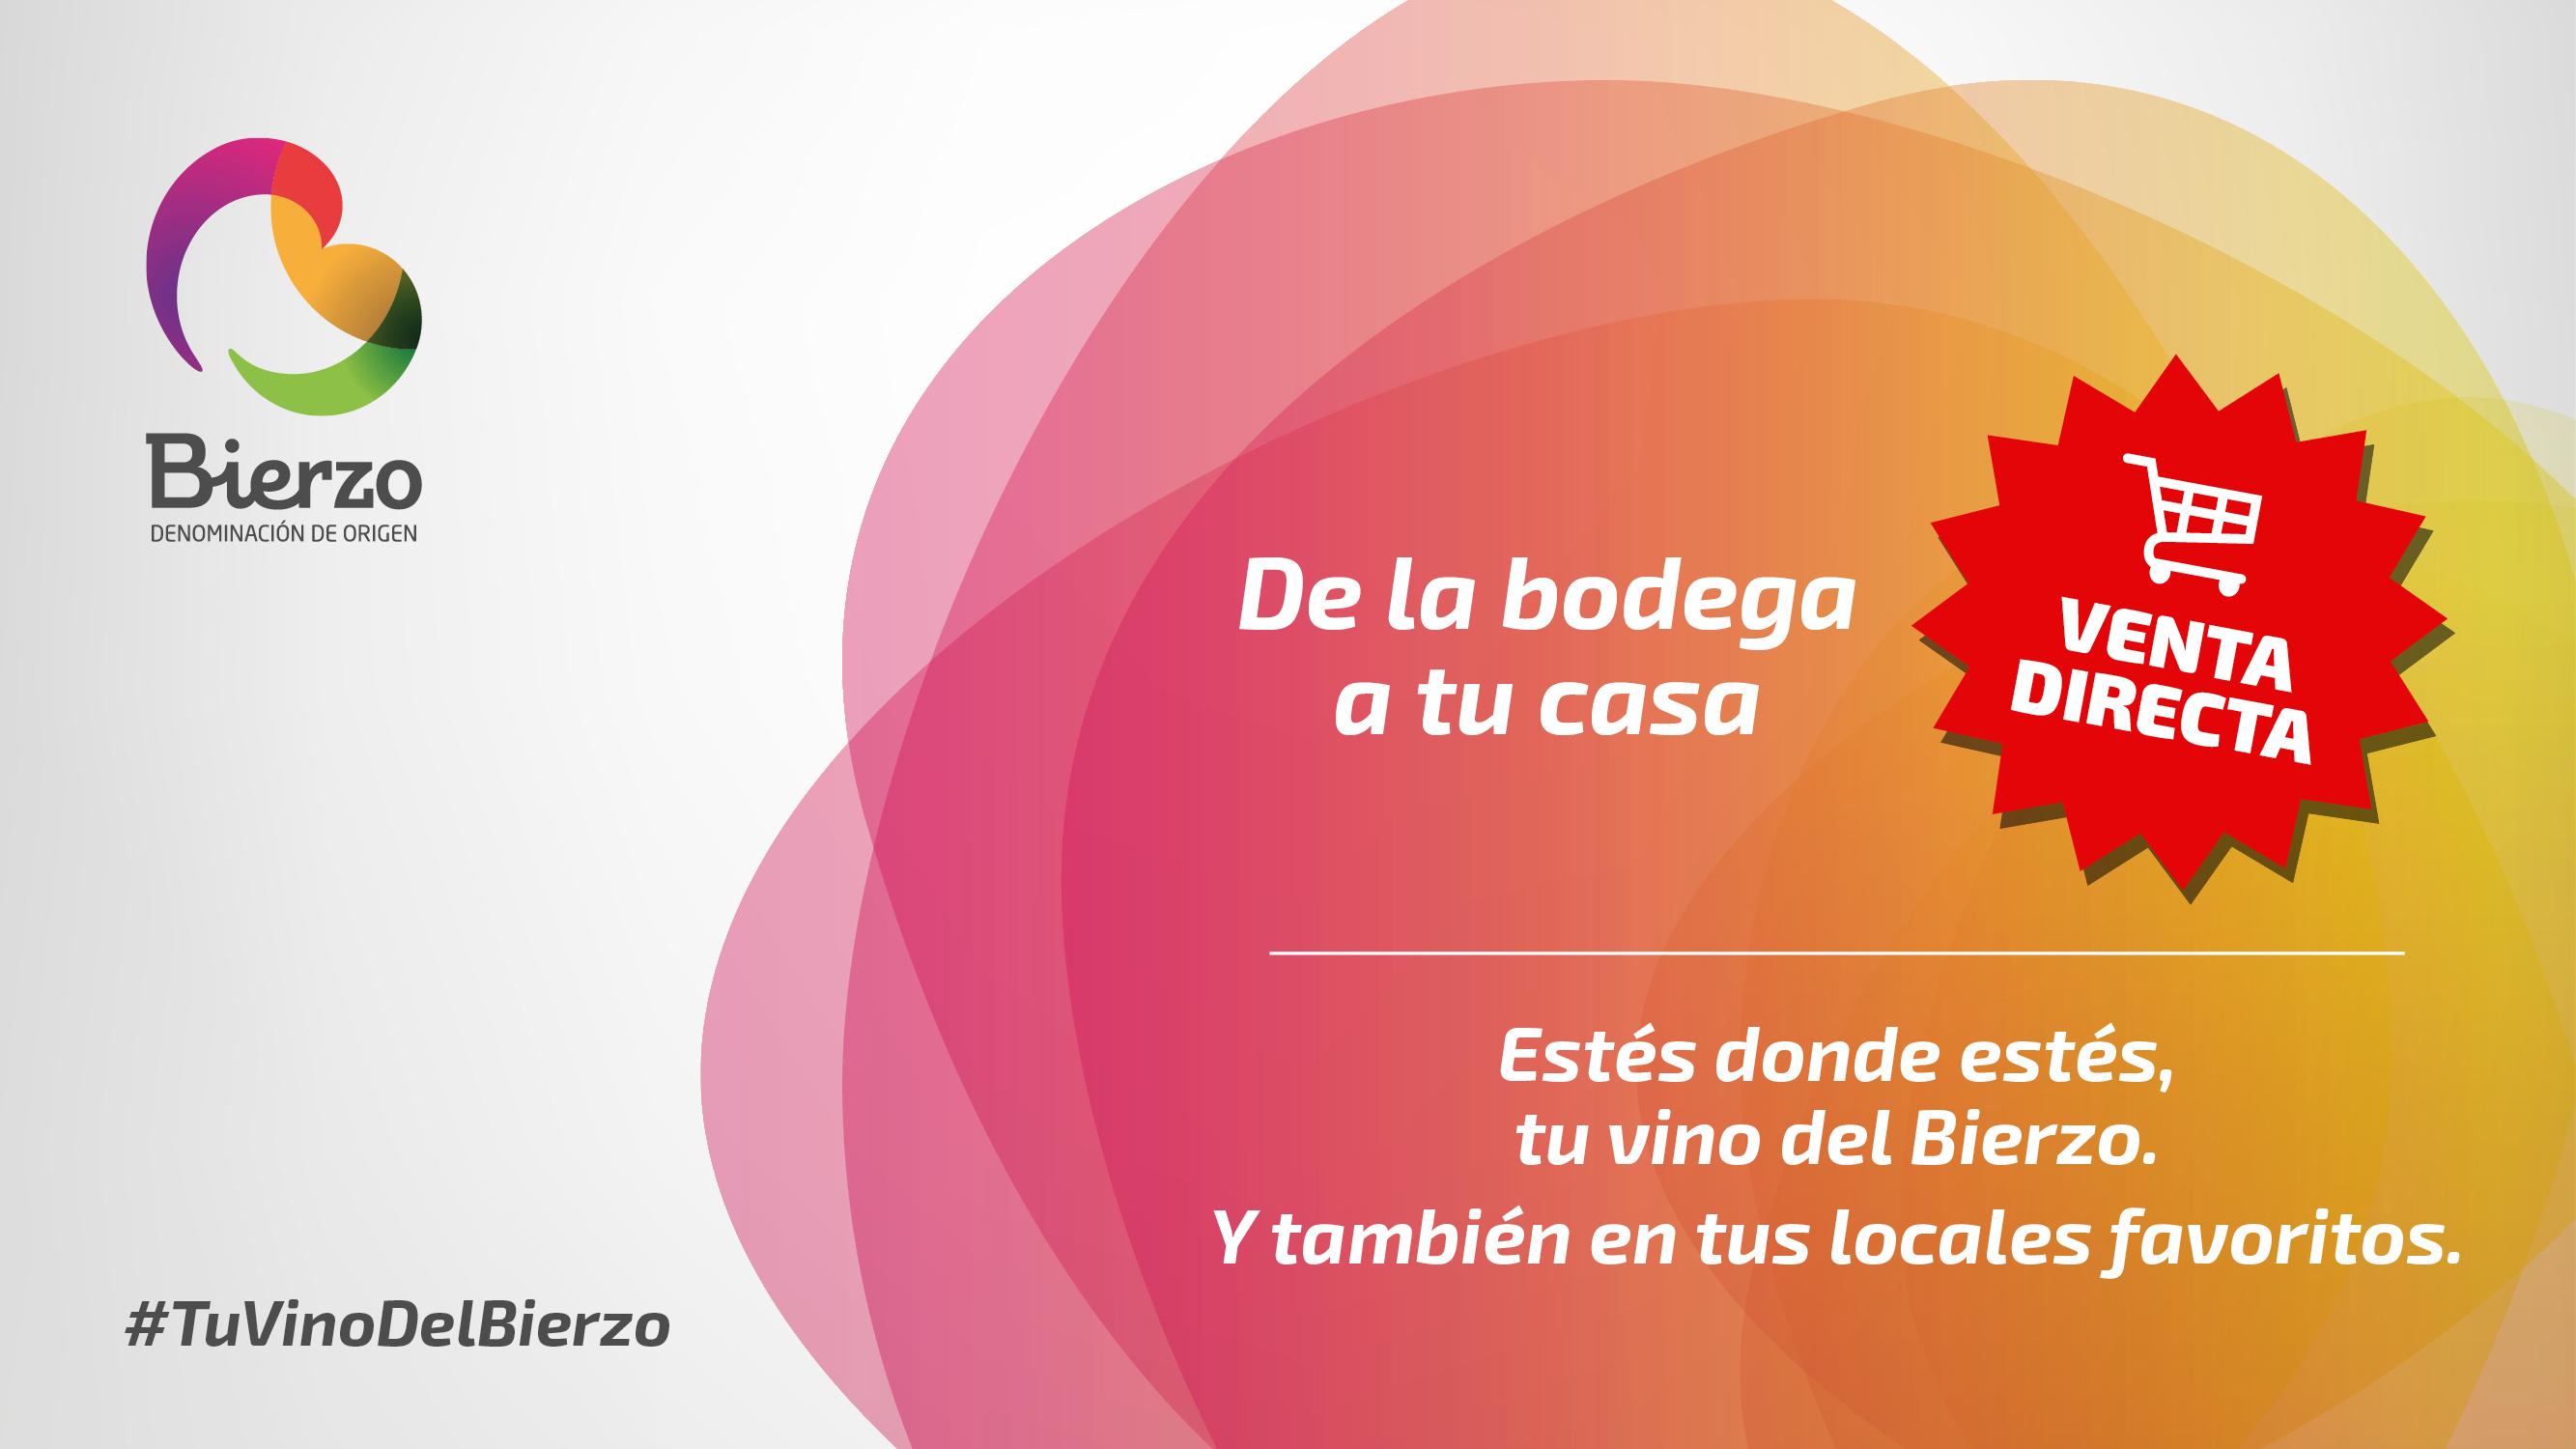 #TuVinoDelBierzo